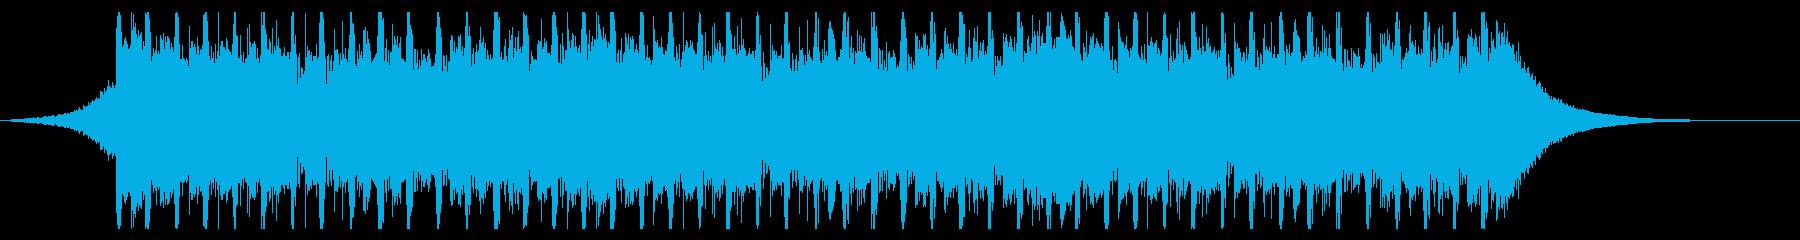 建設ビル(30秒)の再生済みの波形